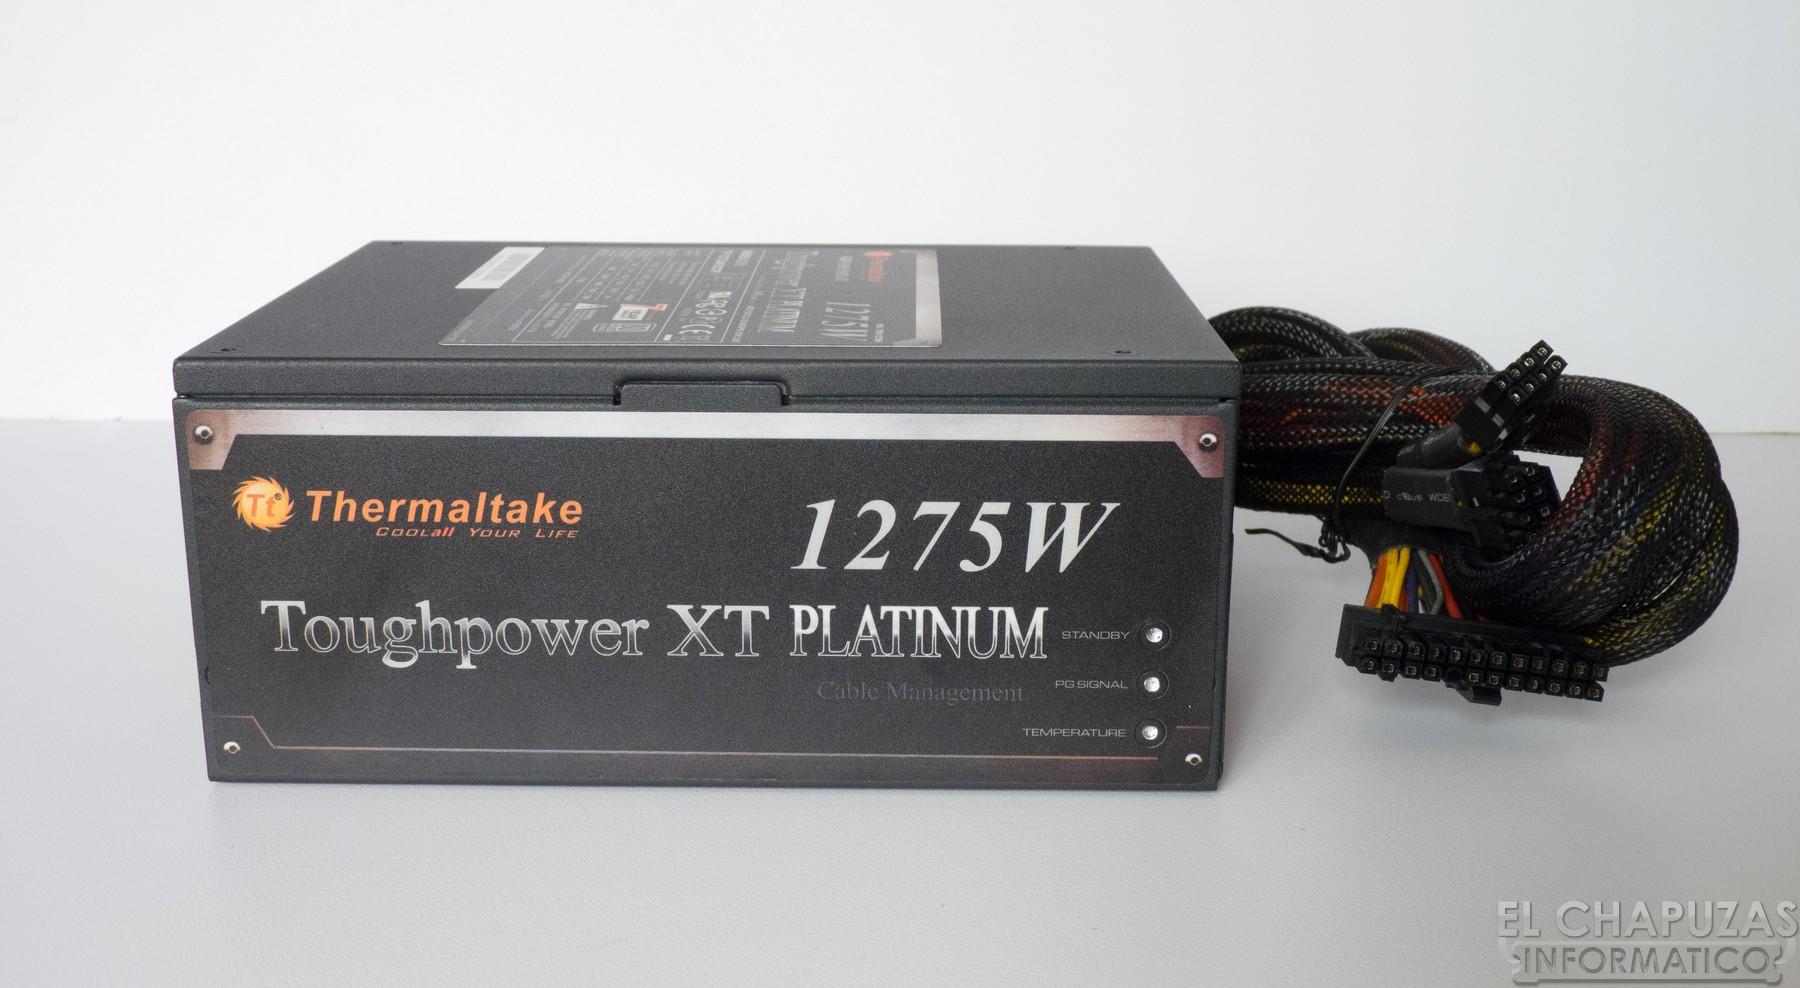 Review: Thermaltake Toughpower XT Platinum 1275W